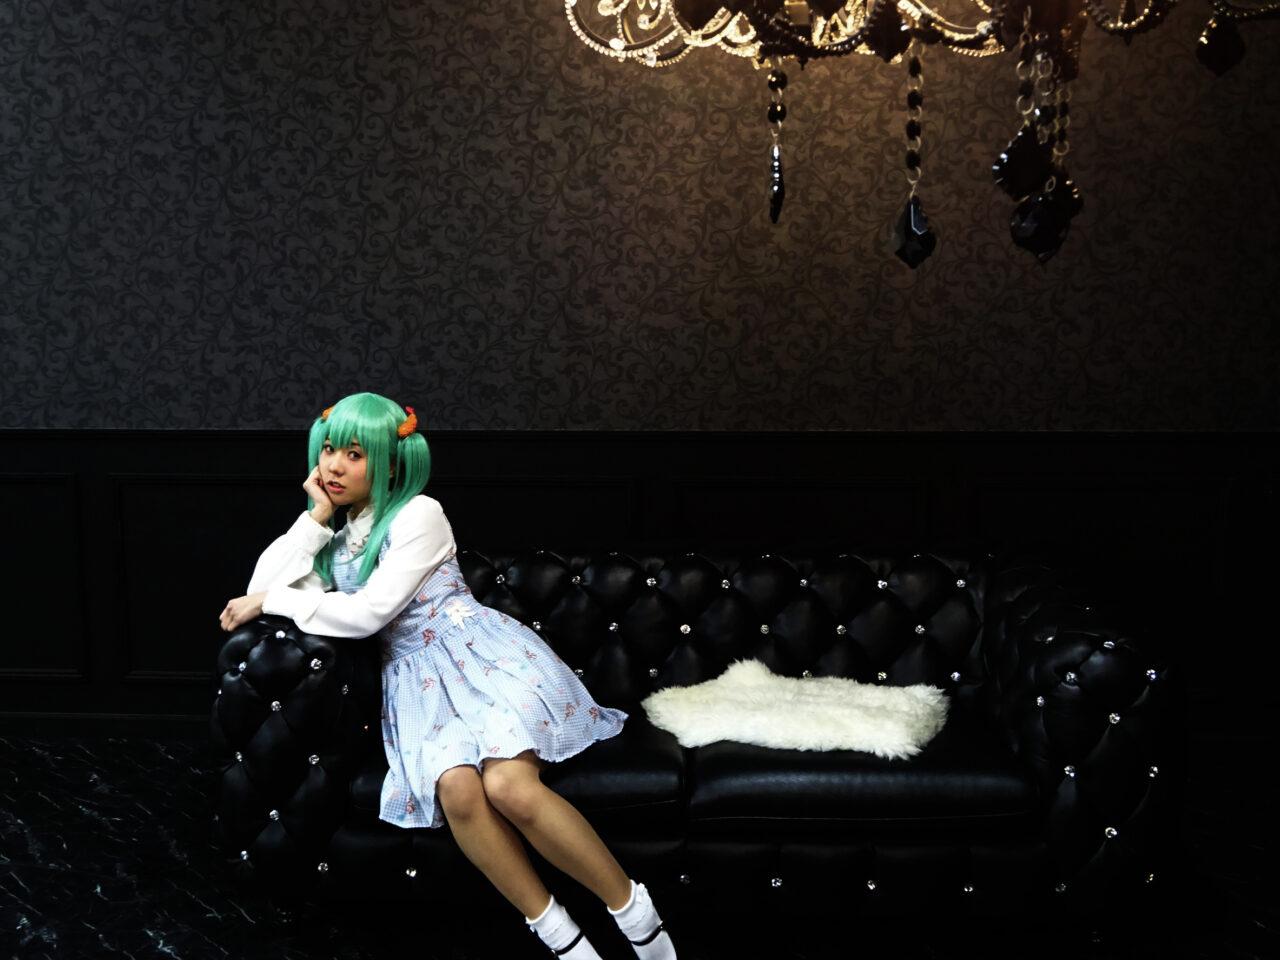 シャンデリア部屋